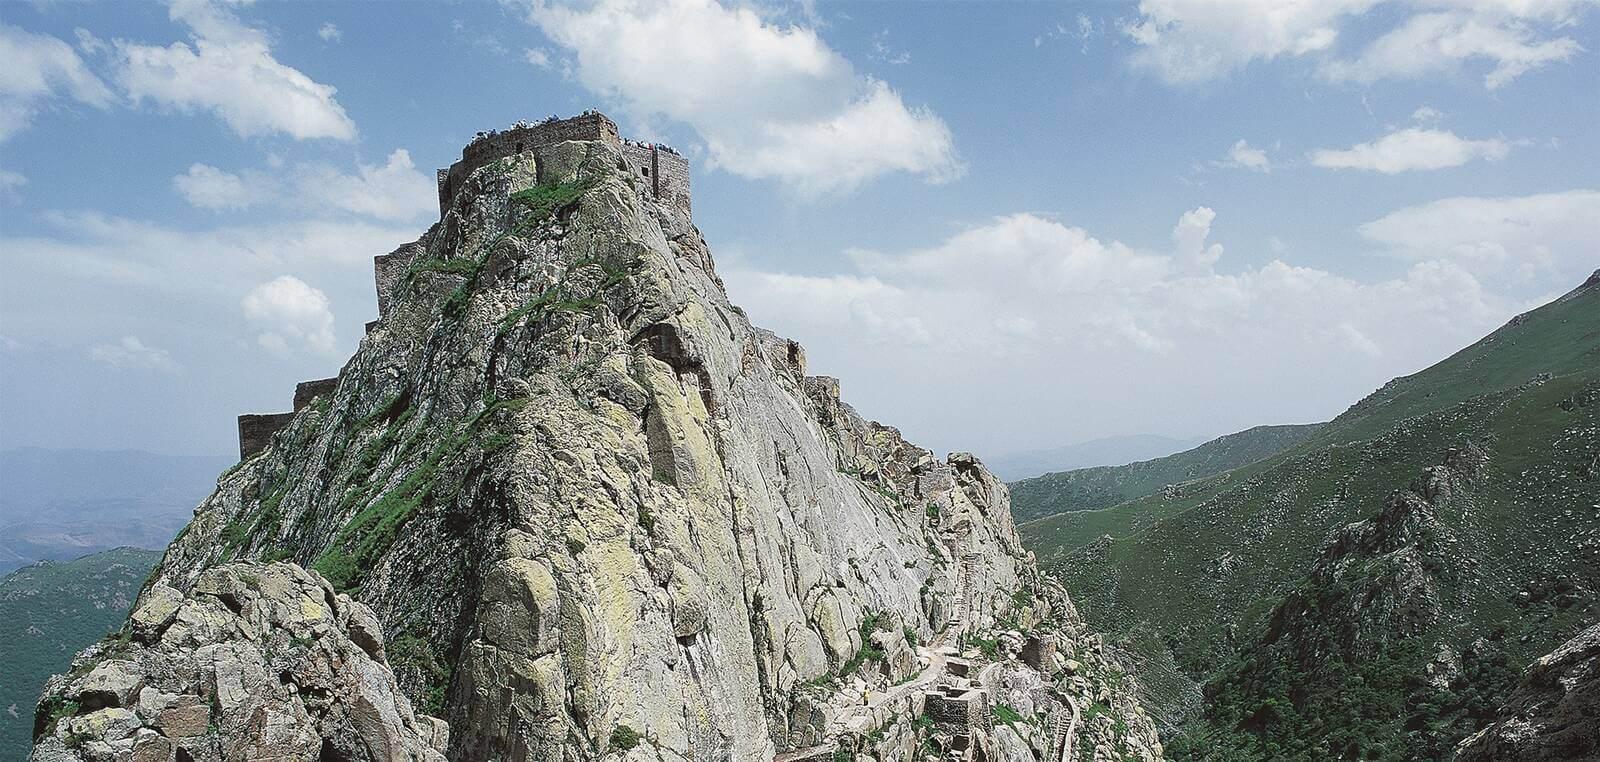 قلعه بابک کلیپر؛ دژ ساسانی که پایگاه مقاومت سرخ جامگان شد